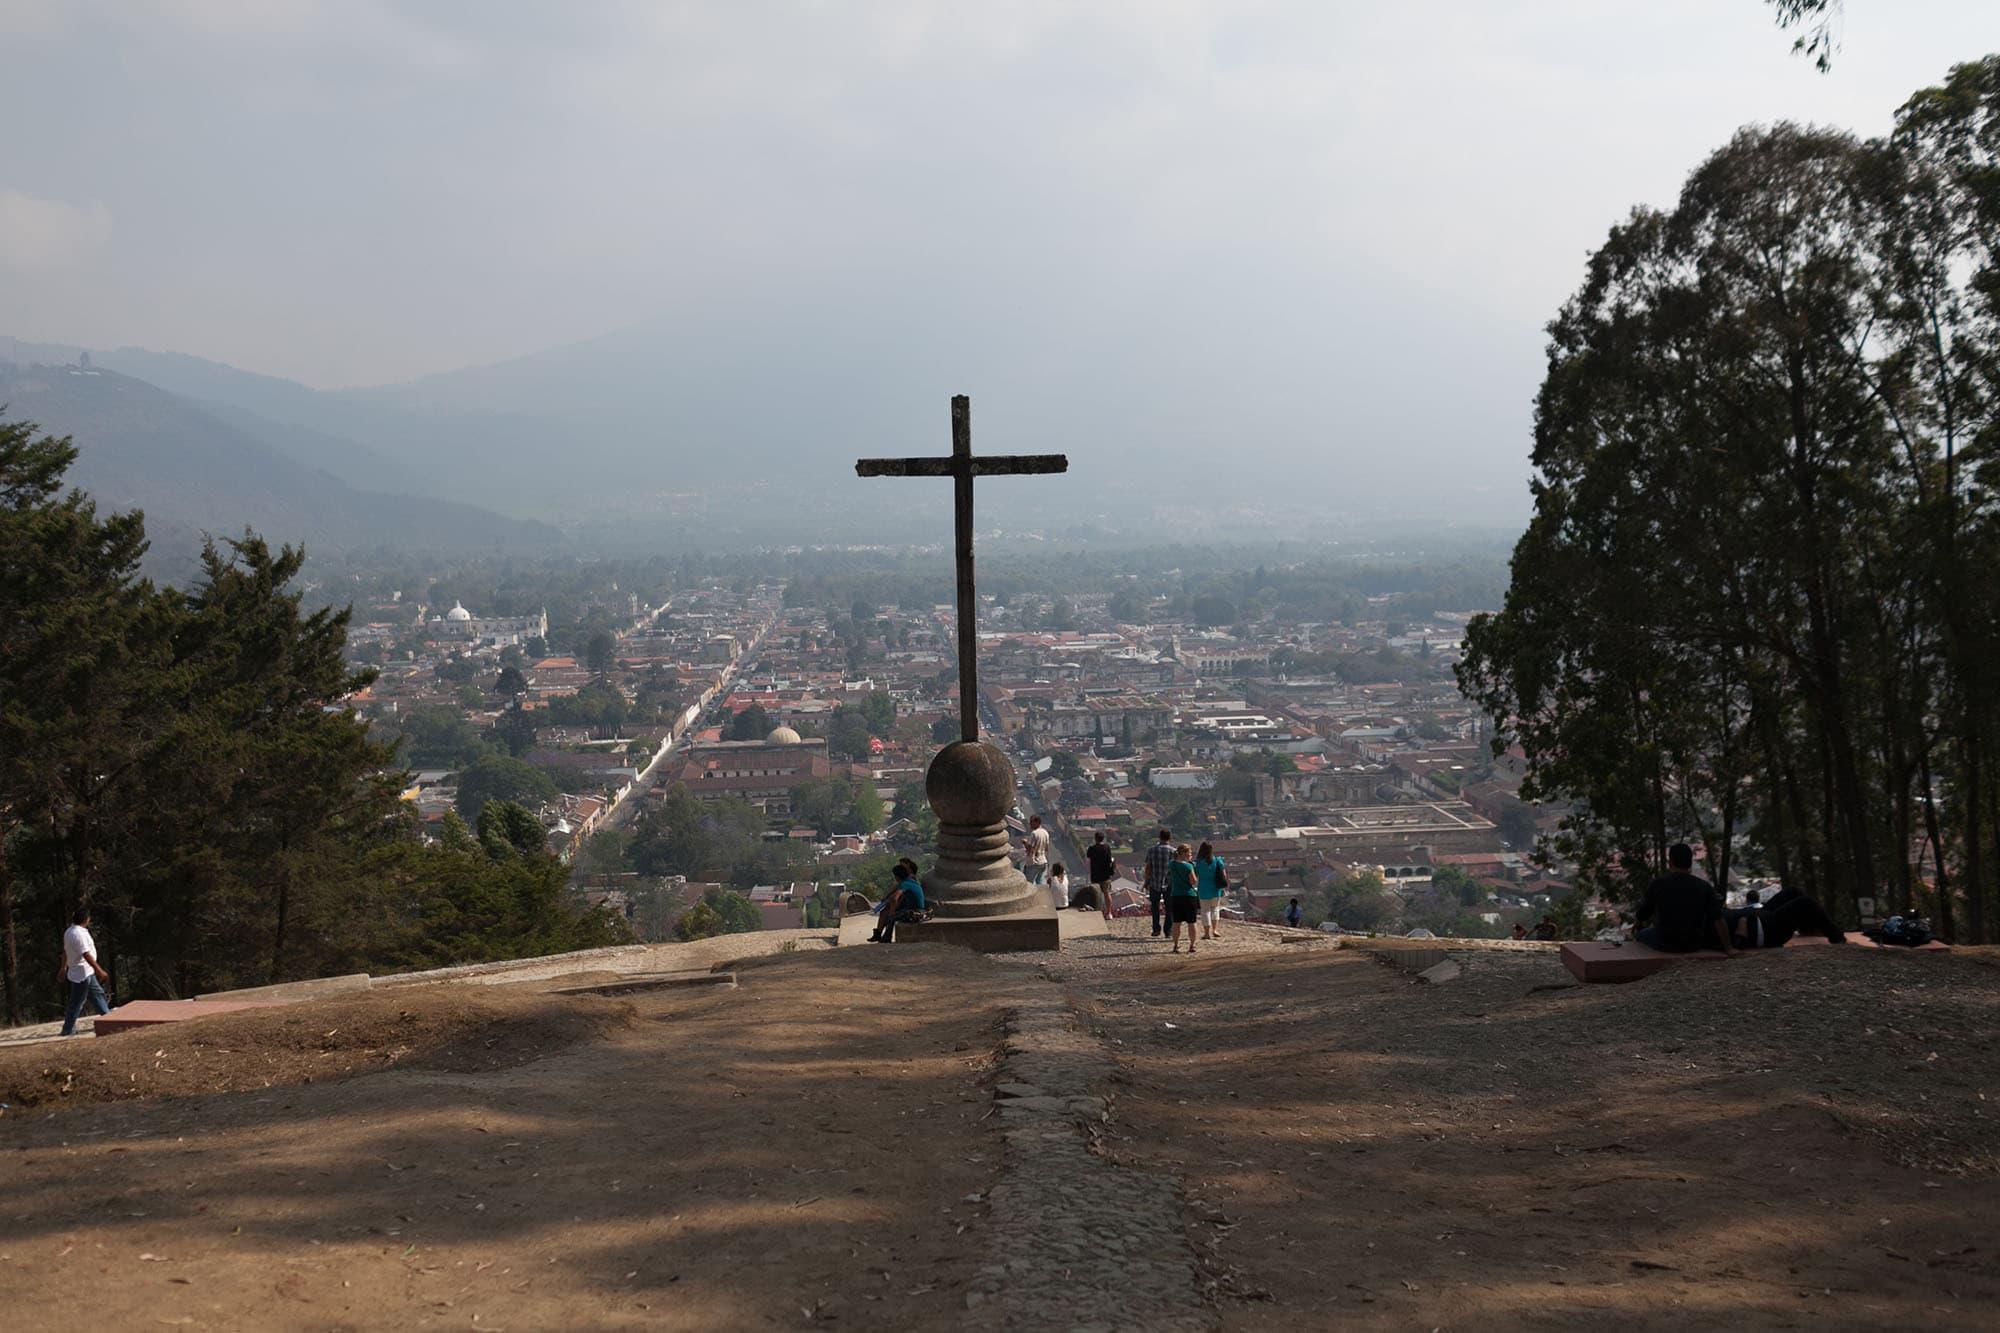 Cerro de la Cruz - cross on the hill - in Antigua, Guatemala.